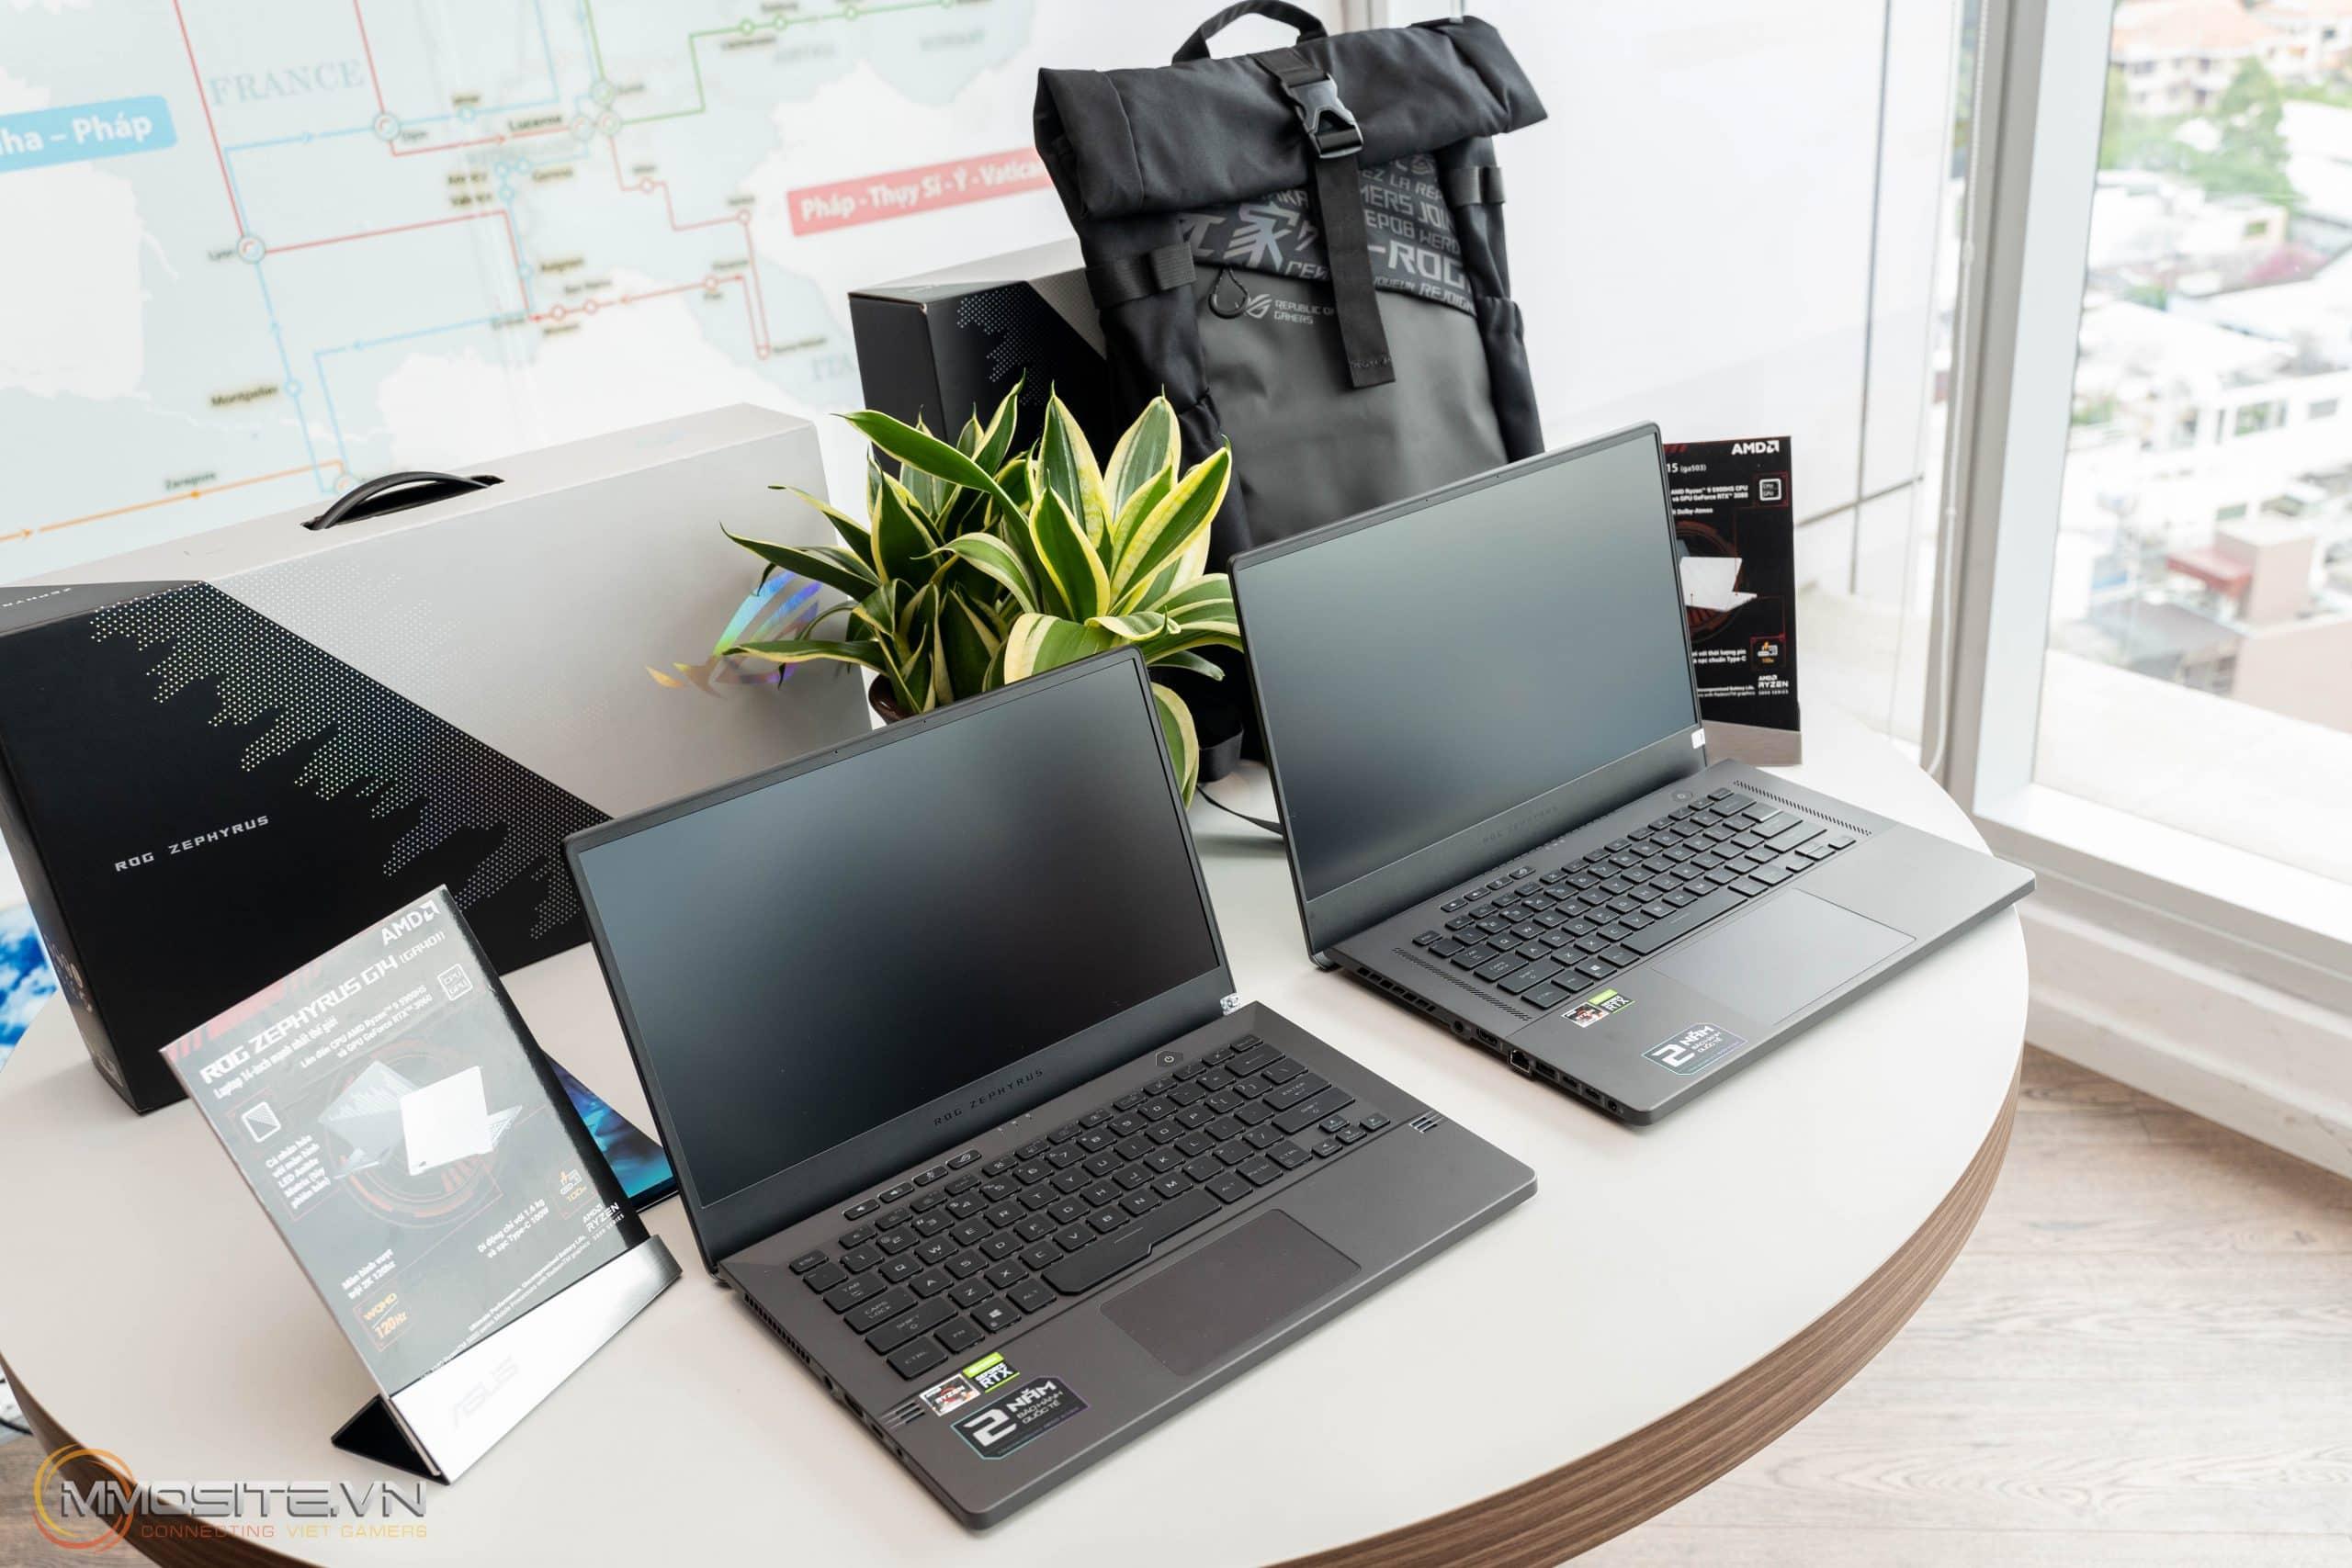 Trên tay ASUS ROG Zephyrus G14 và G15 phiên bản 2021- bộ đôi laptop gaming gọn nhẹ cấu hình cao